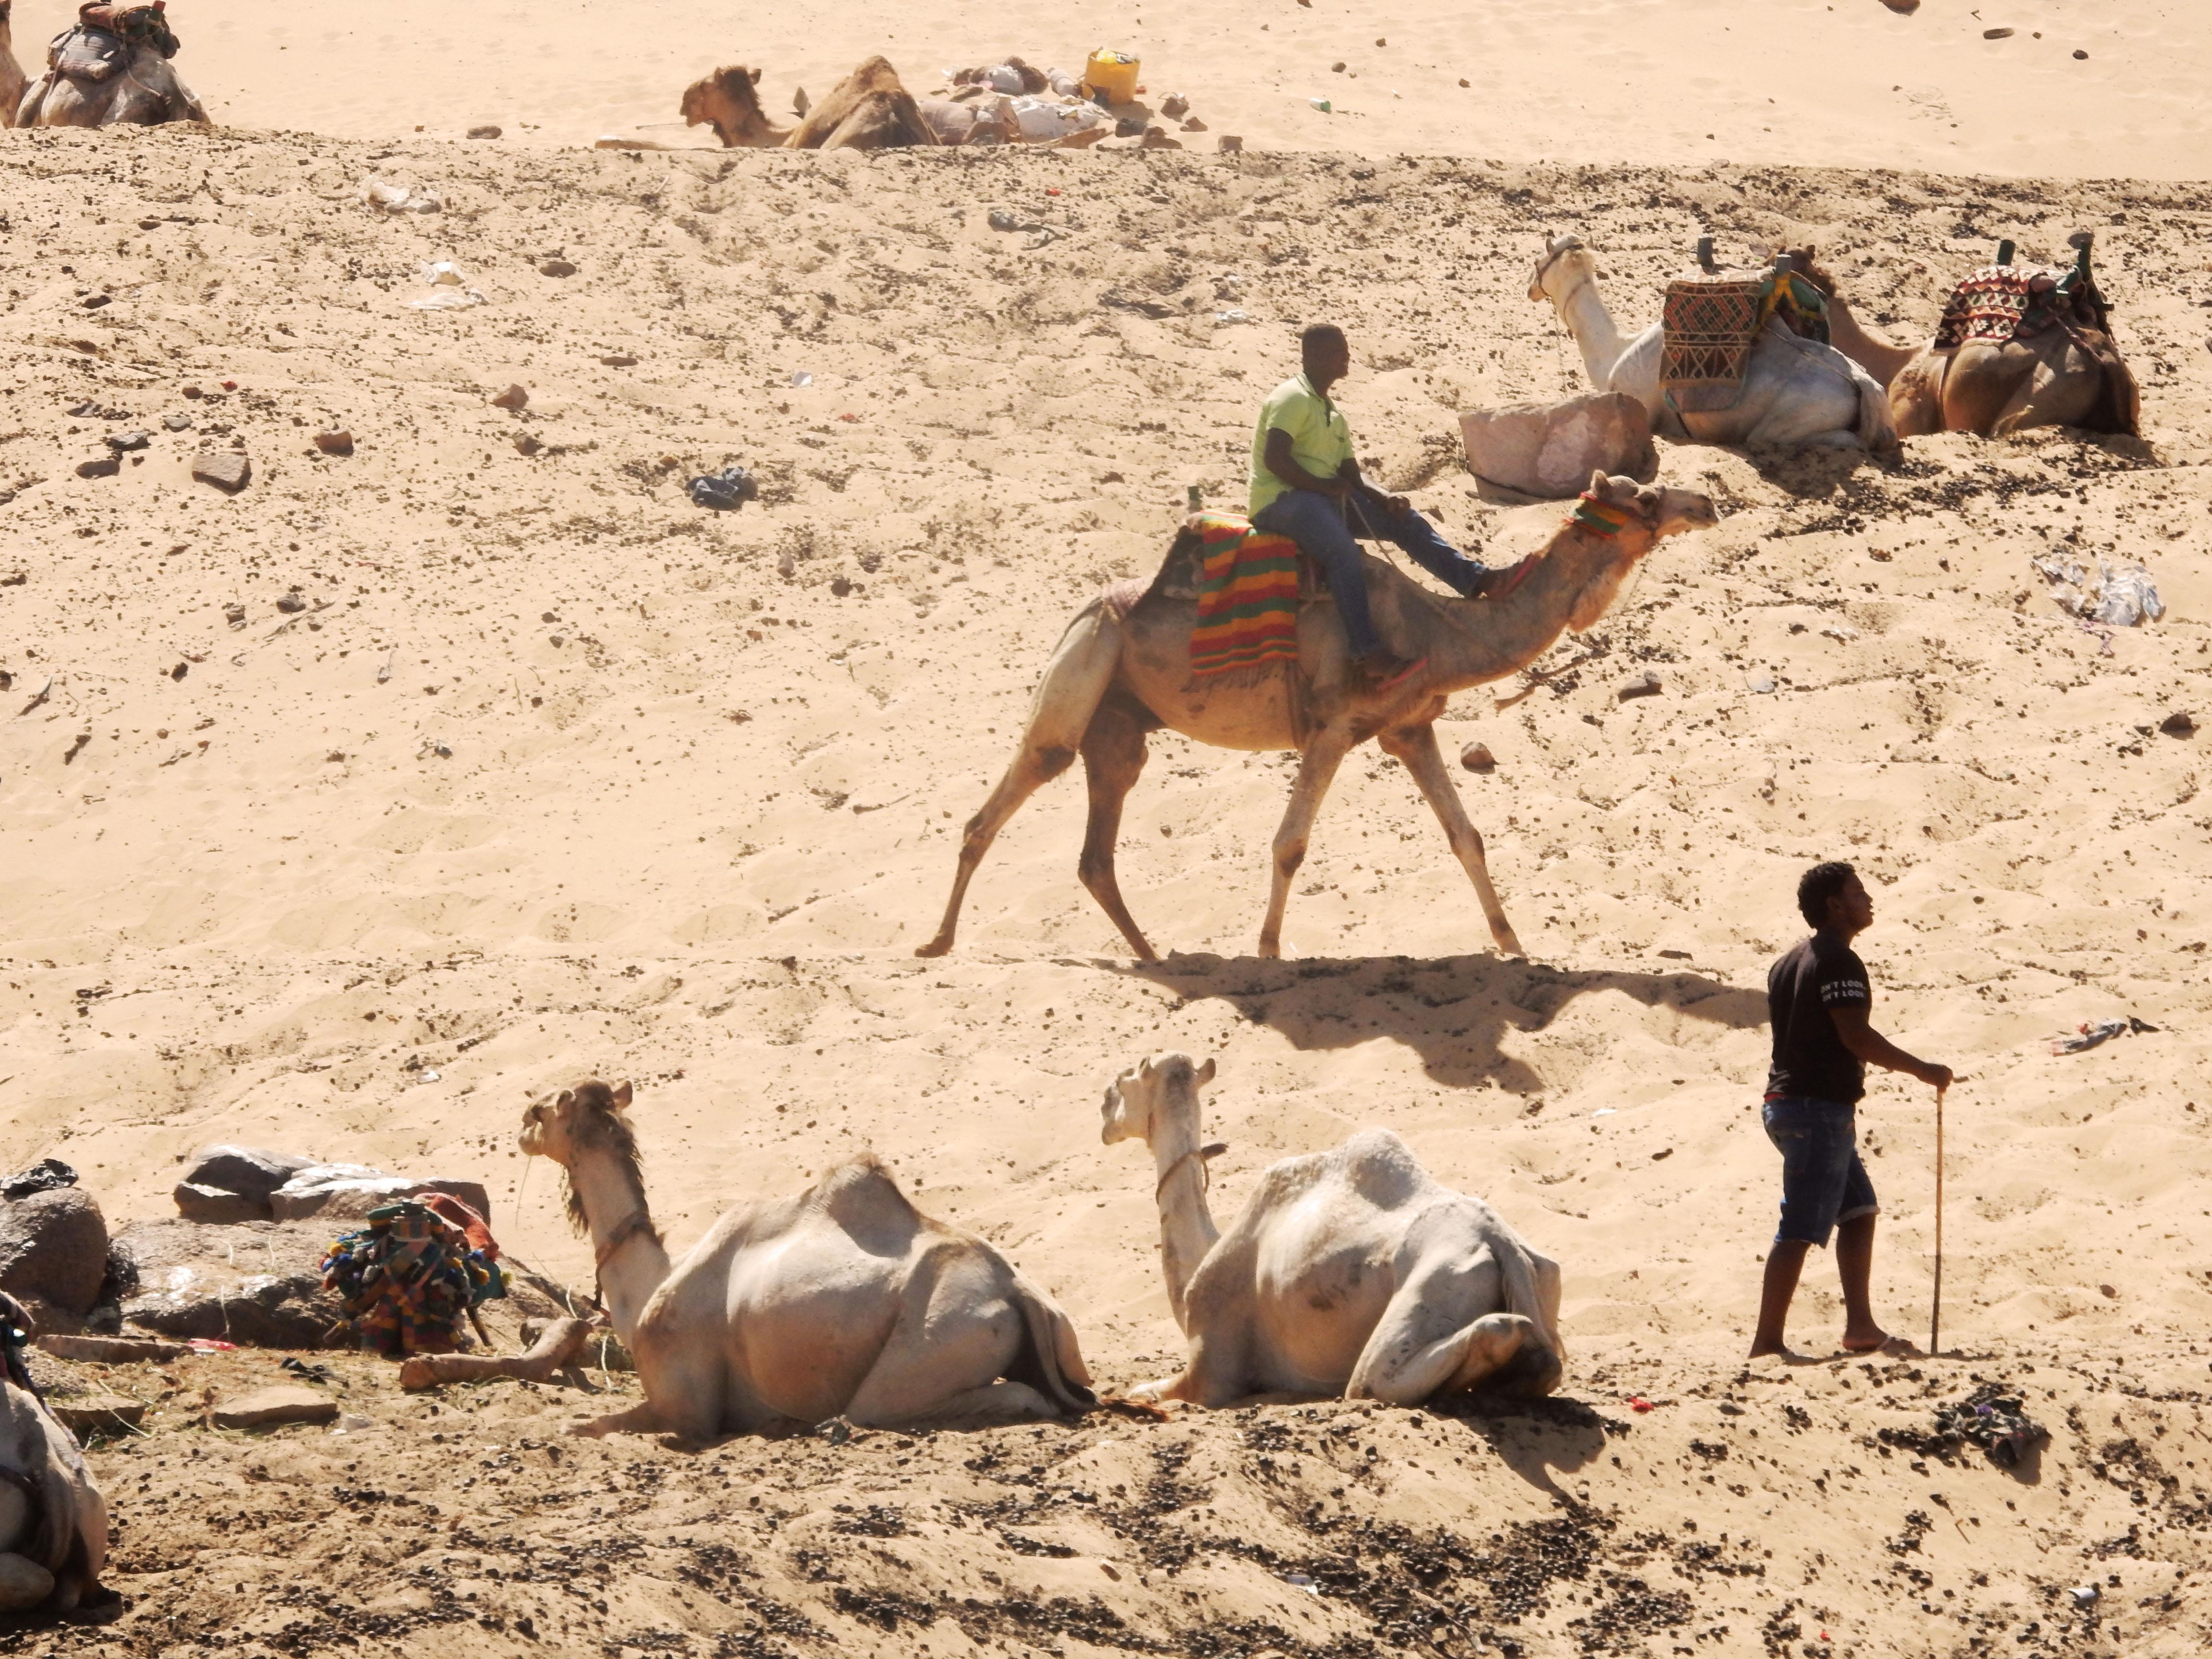 mia und ich blog Nubier Kamele Wüste Ägypten Egypt